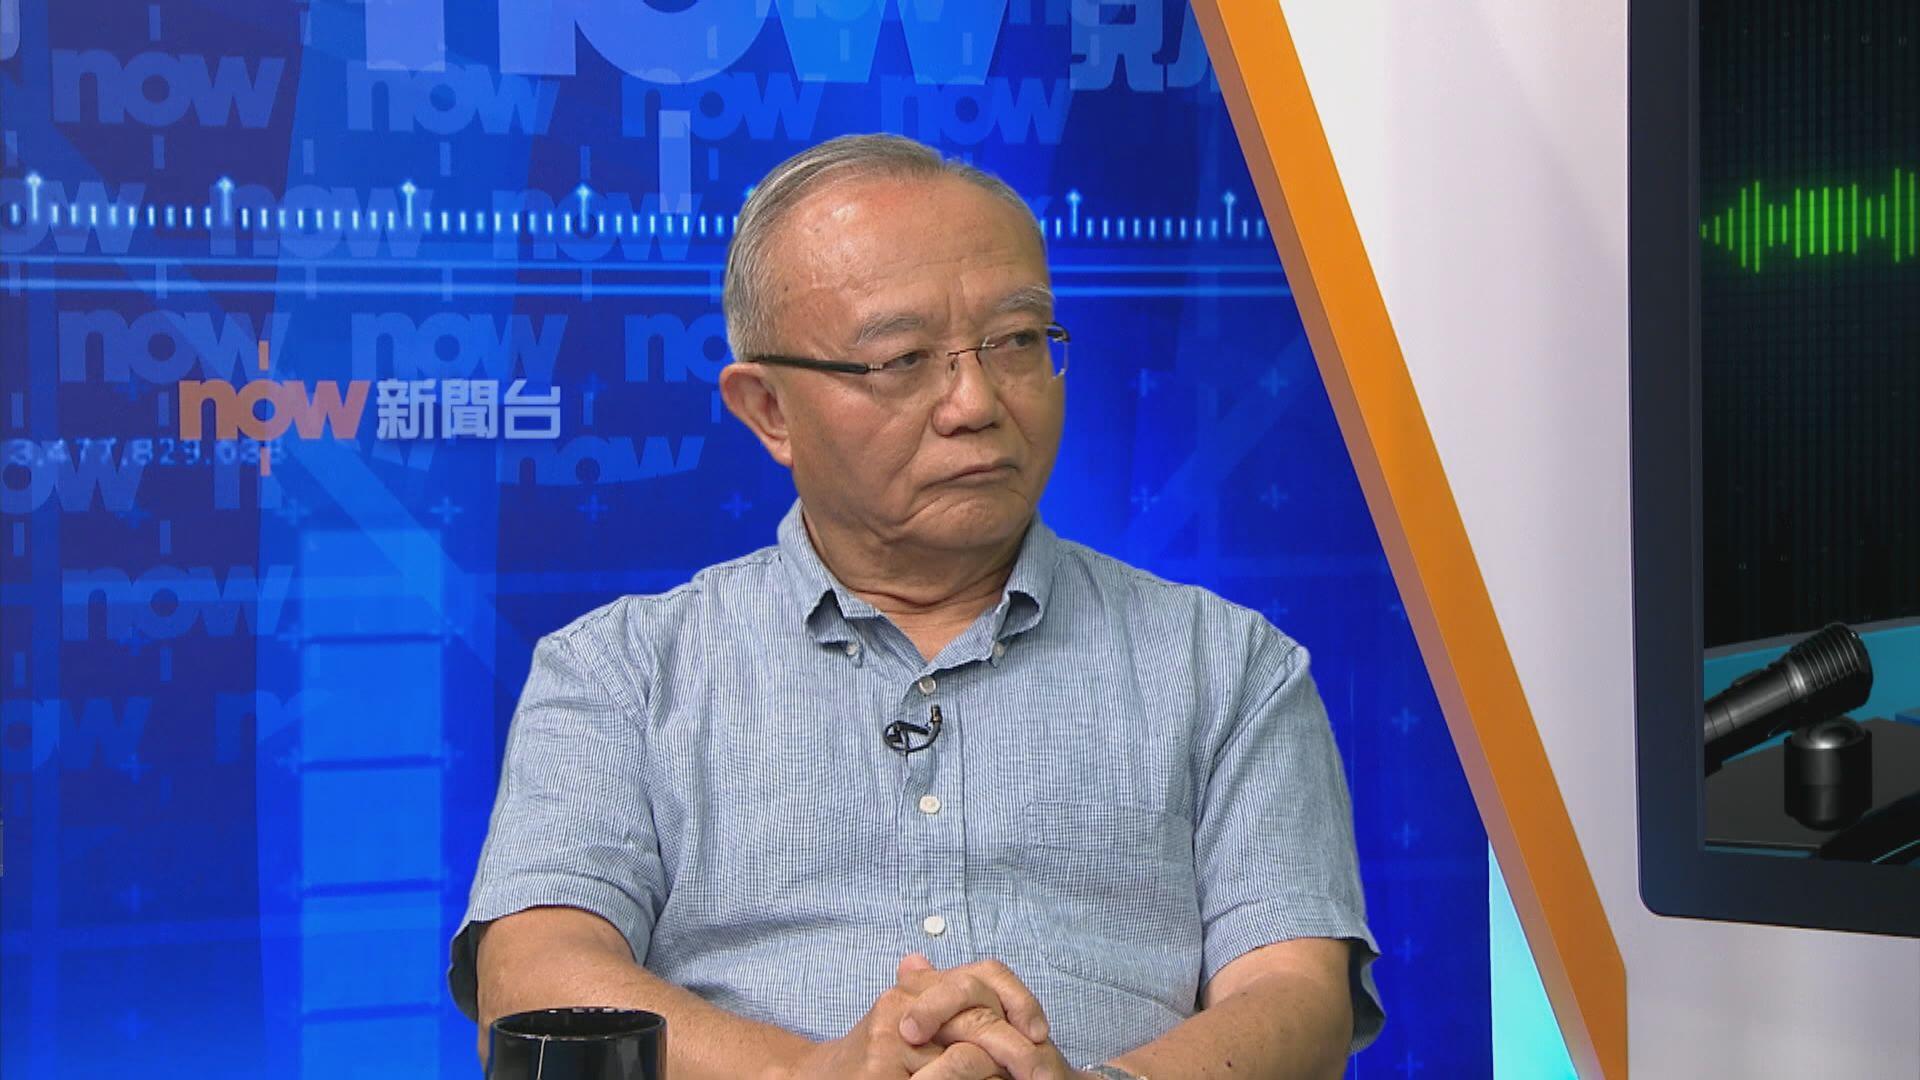 劉兆佳:中央認為今次立會選舉涉國家安全 難以不插手